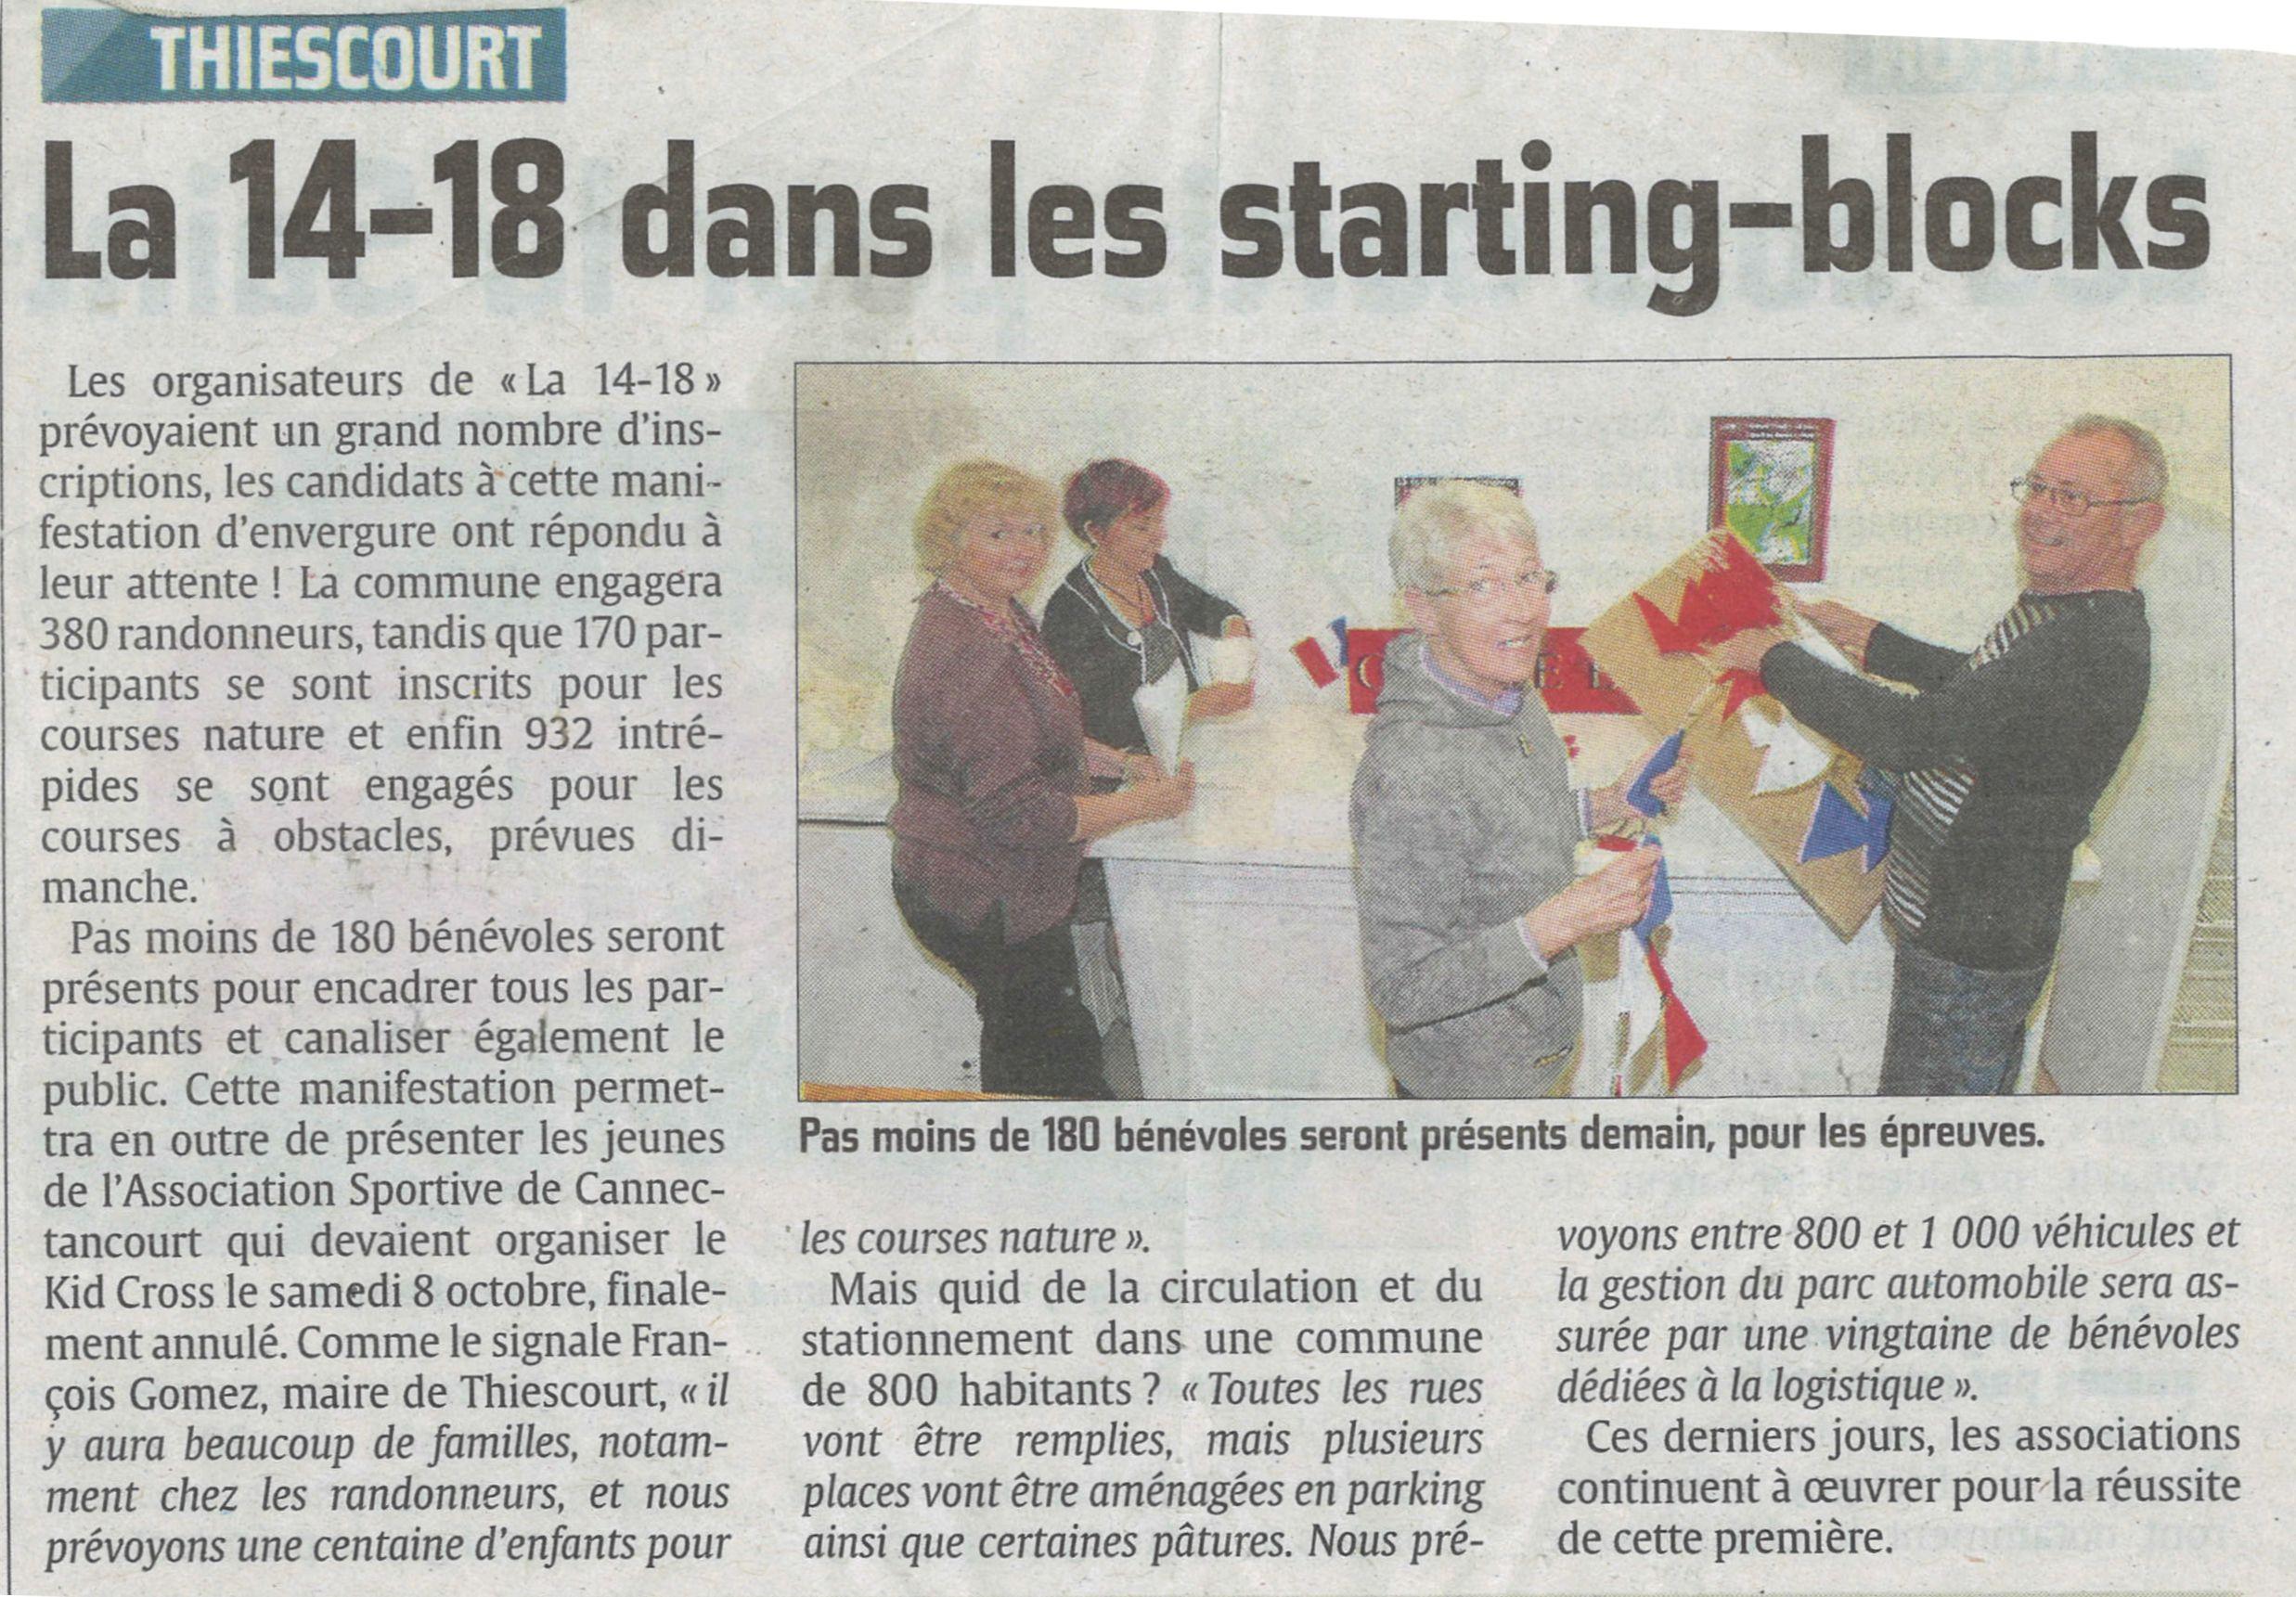 Les bénévoles s'activent pour les préparatifs de 'La 14-18 de Thiescourt' du 9 novembre prochain.